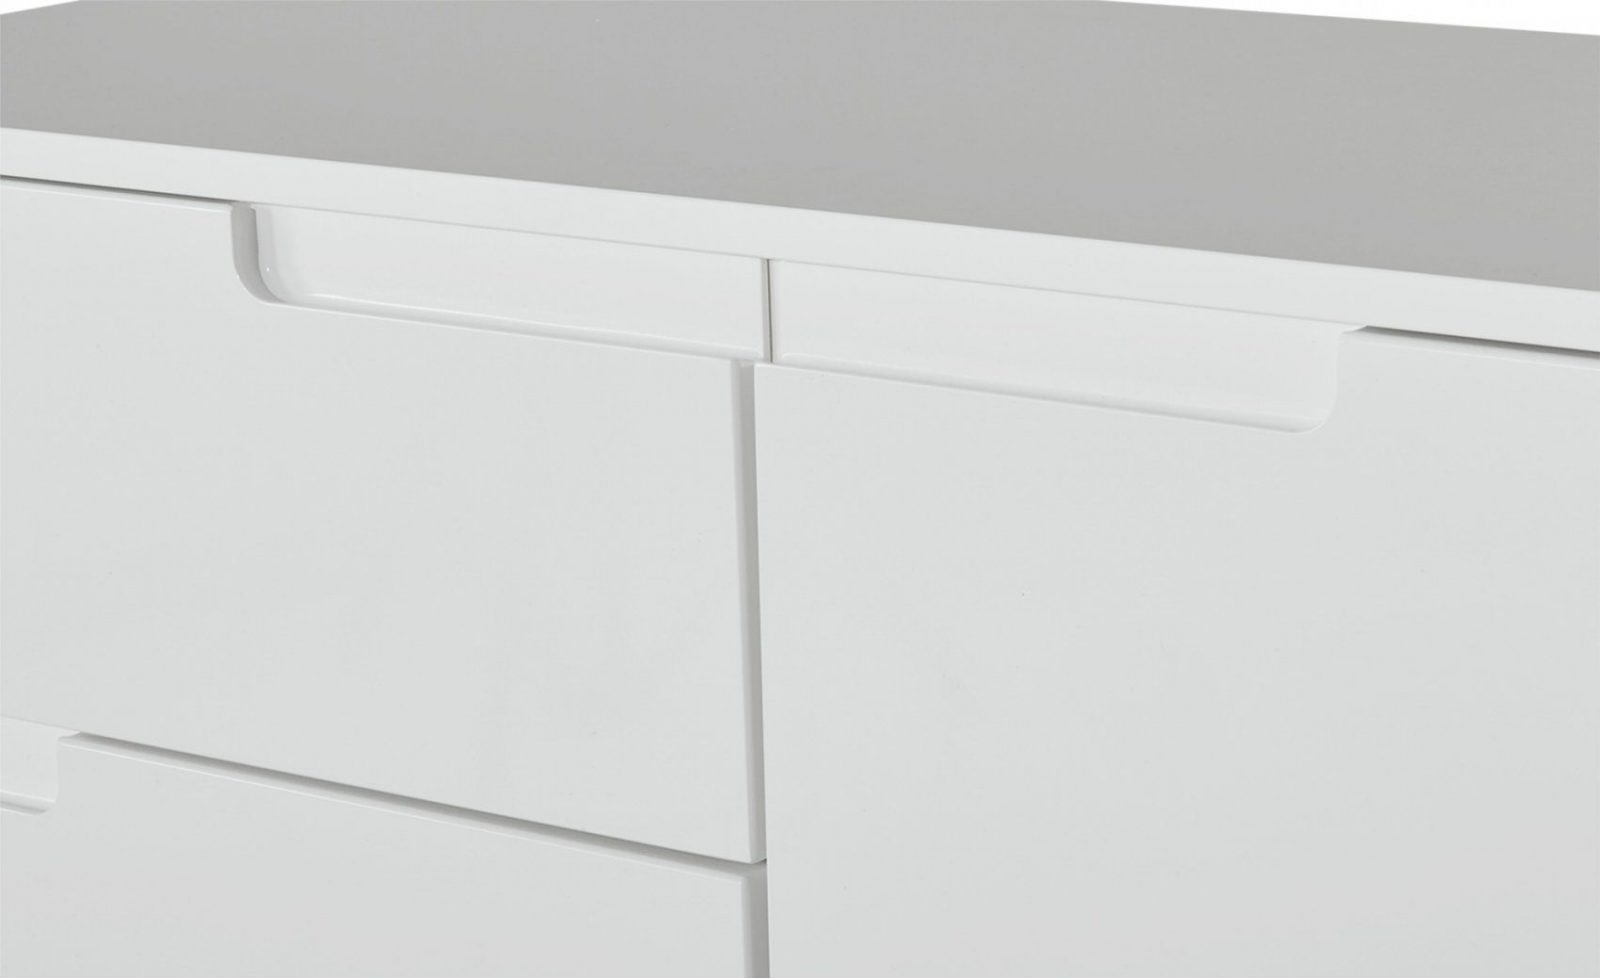 Kommode Weiß Breit 100 Cm Palermo  Möbel Höffner von Kommode Weiß Hochglanz 100 Cm Breit Photo